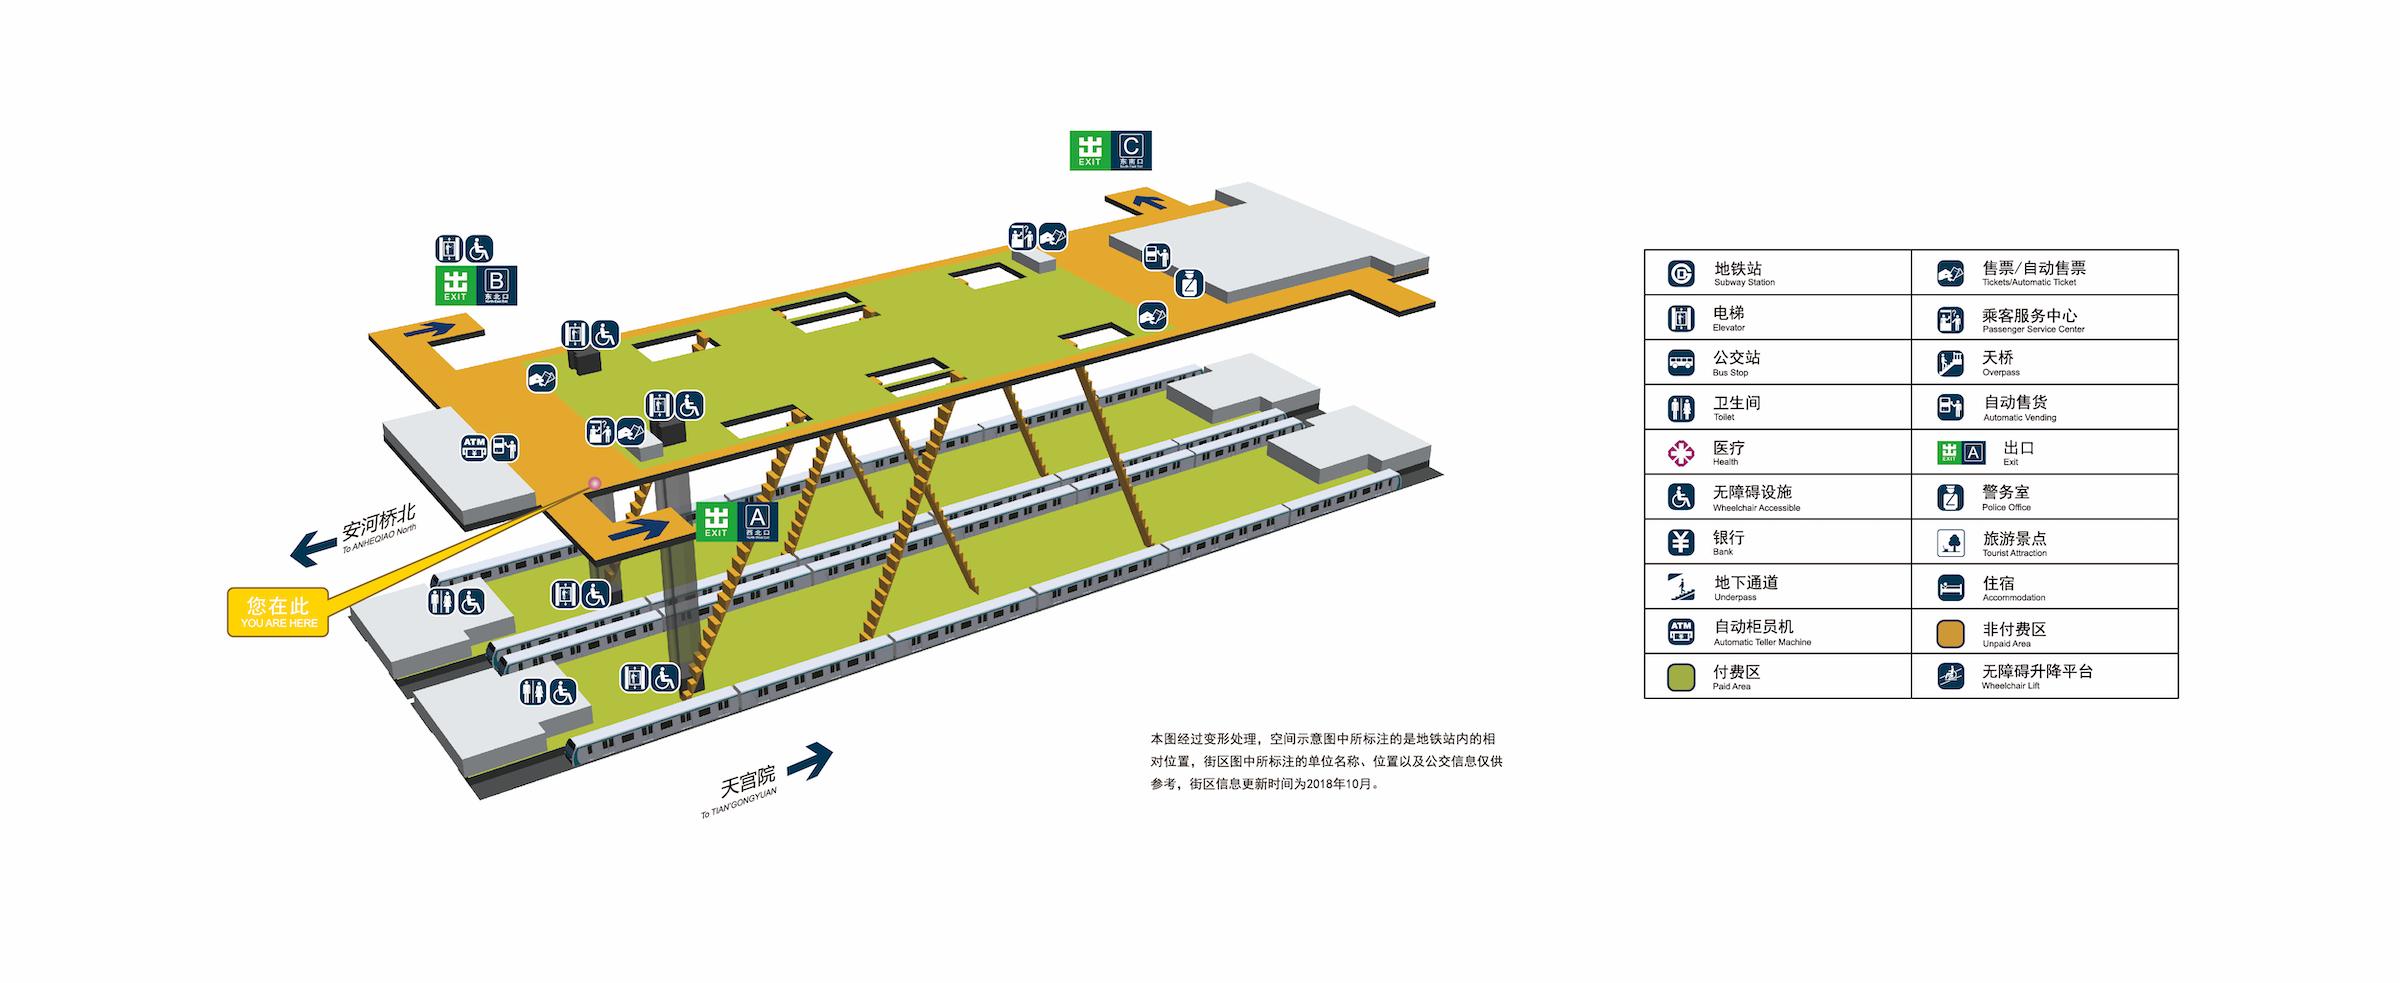 新宫站立体图